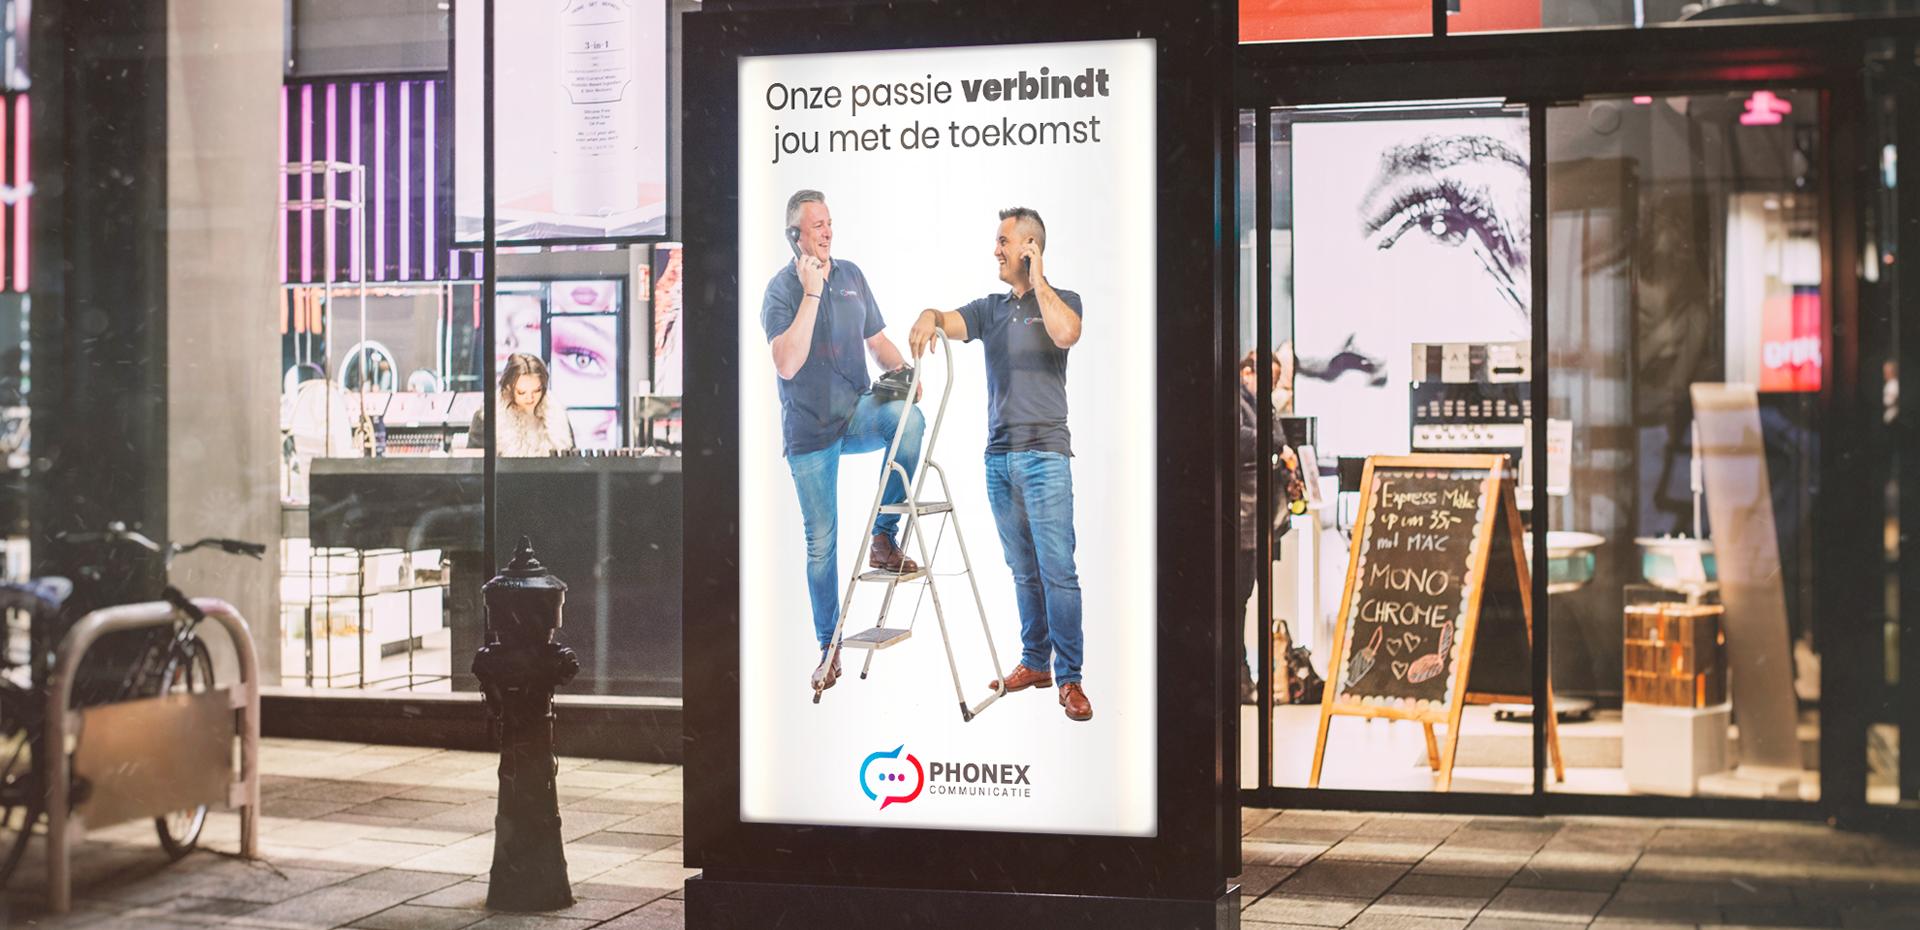 phnx billboard